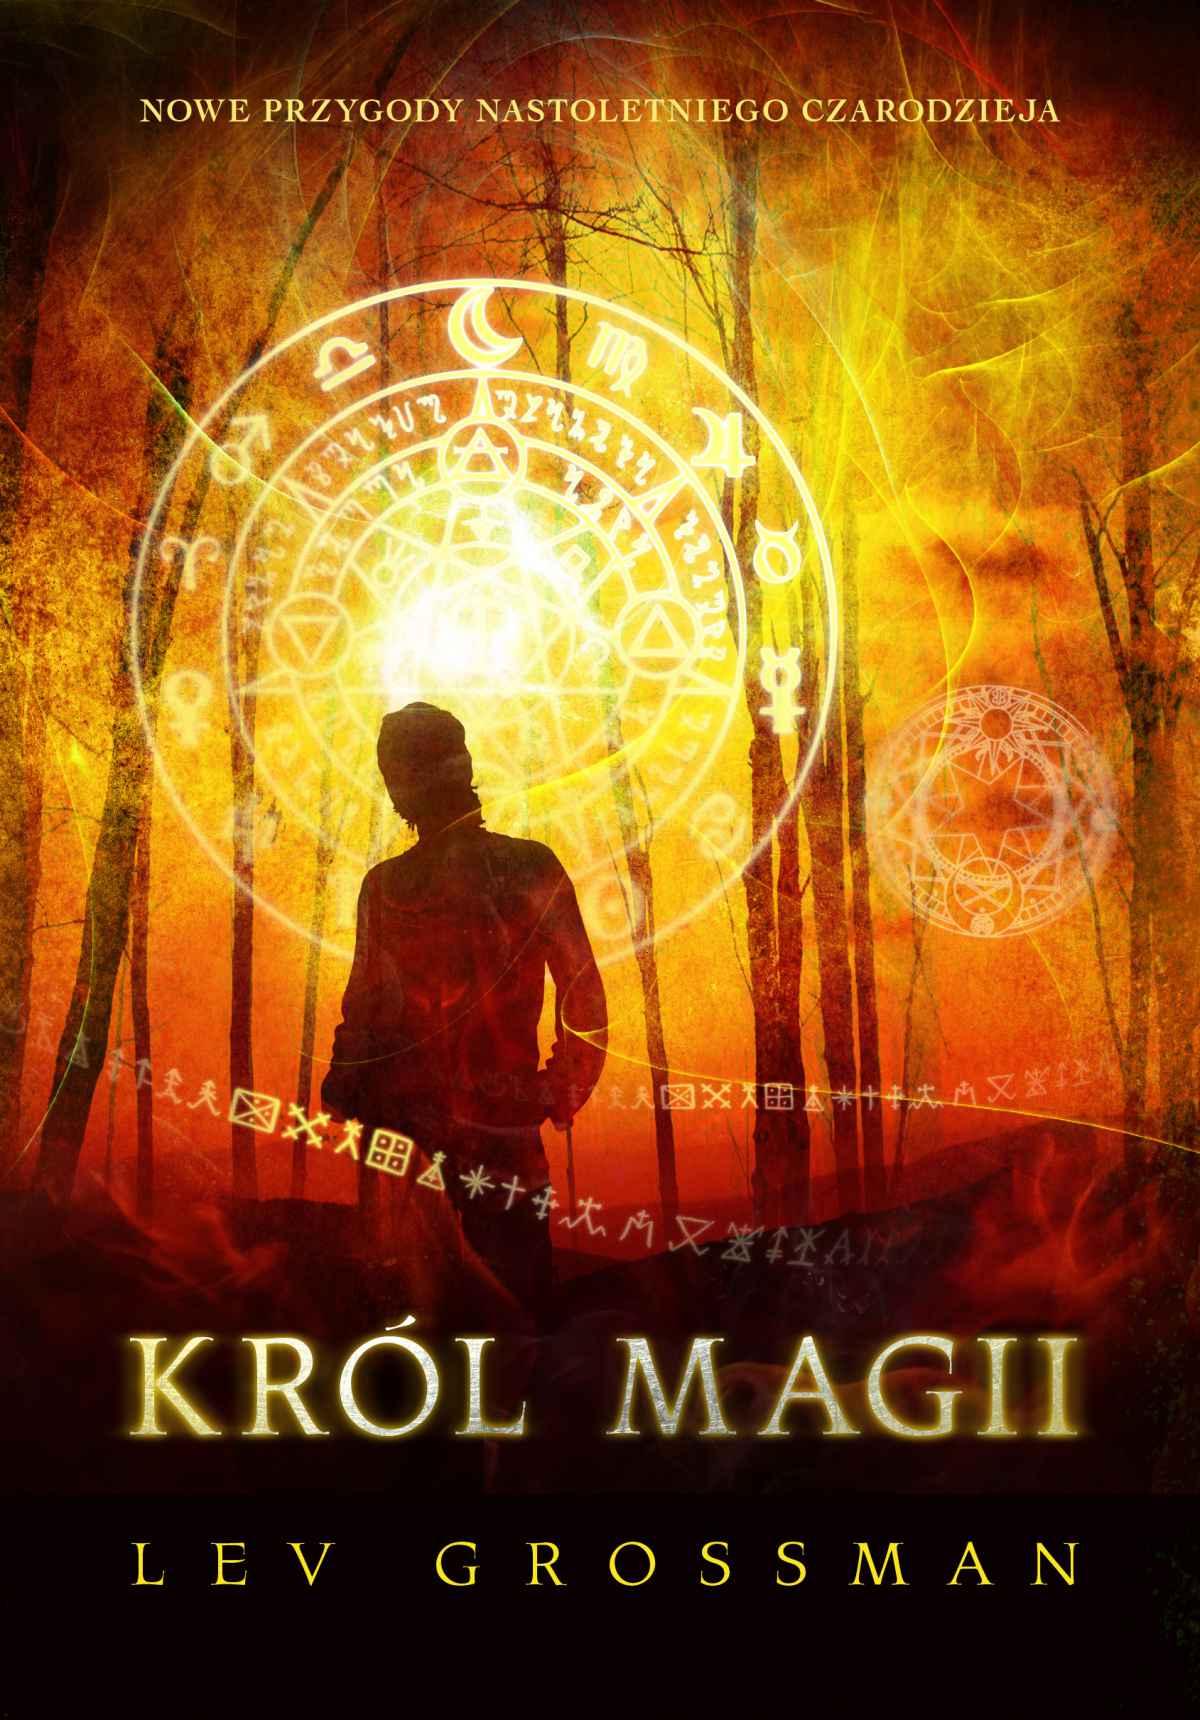 Król magii - Ebook (Książka EPUB) do pobrania w formacie EPUB